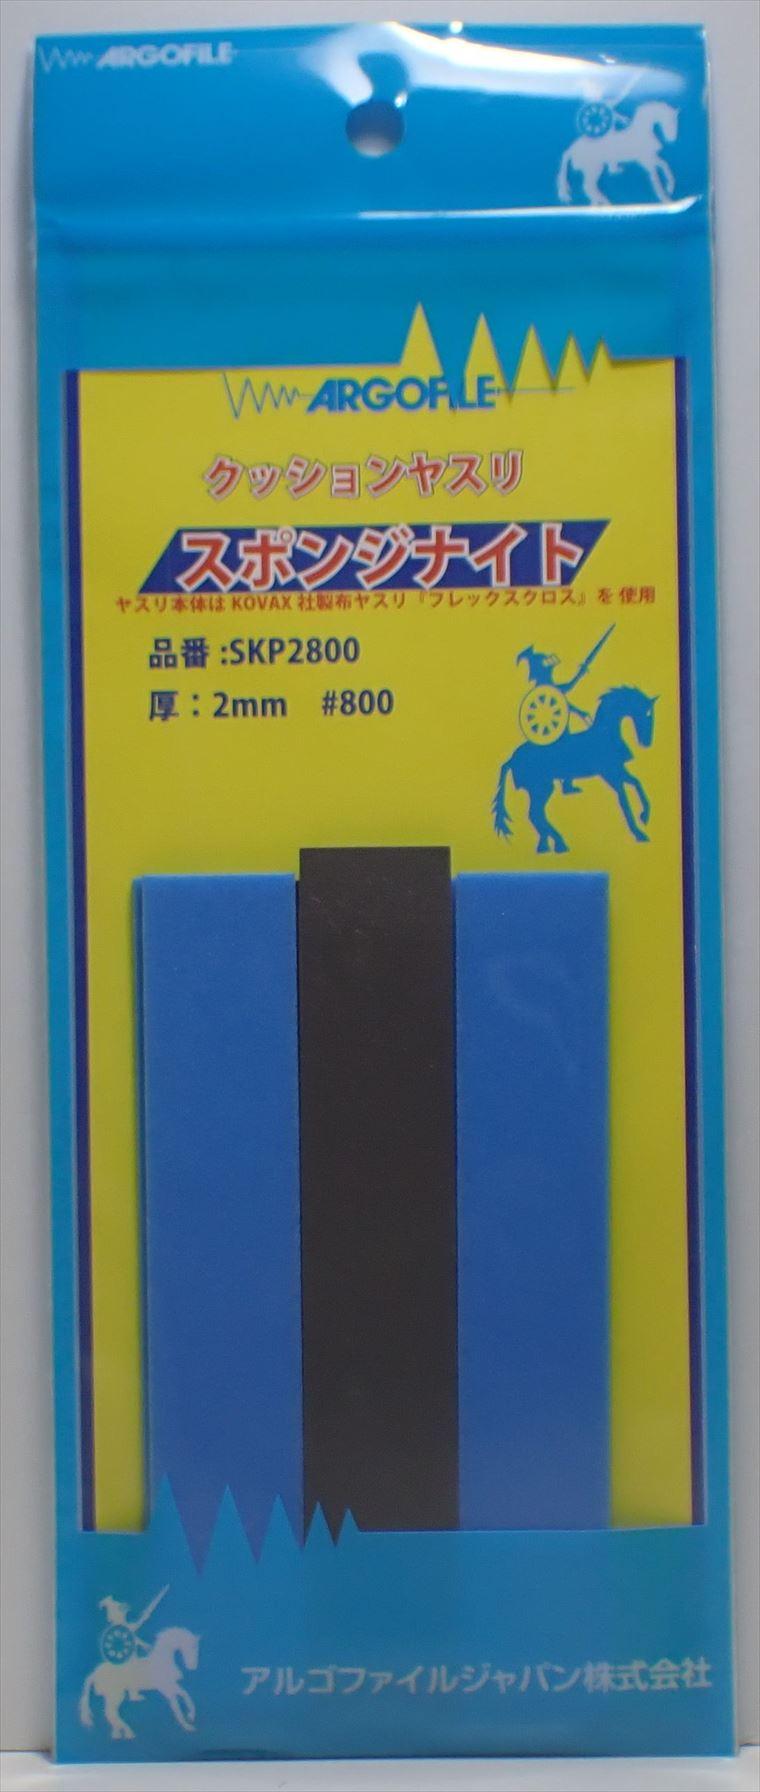 SKP2800 スポンジナイト 厚さ2mm #800   《ARGOFILE》